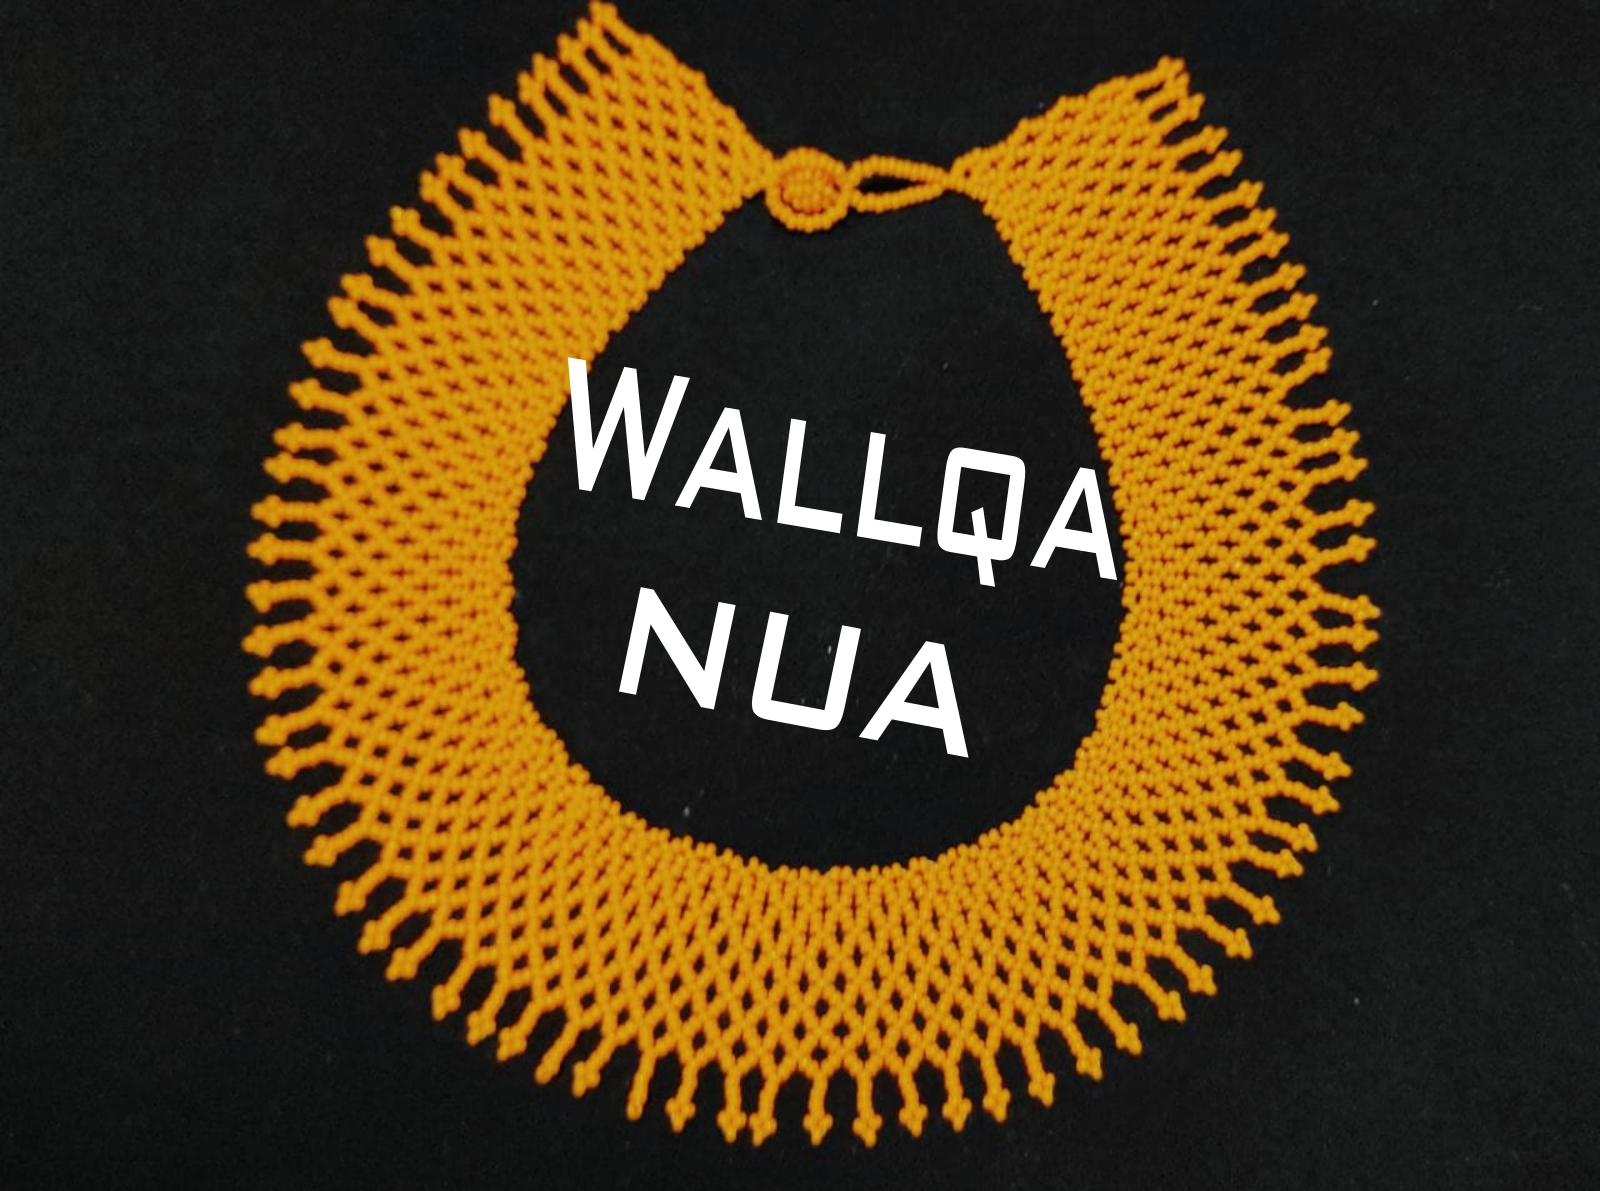 Wallqa-nua